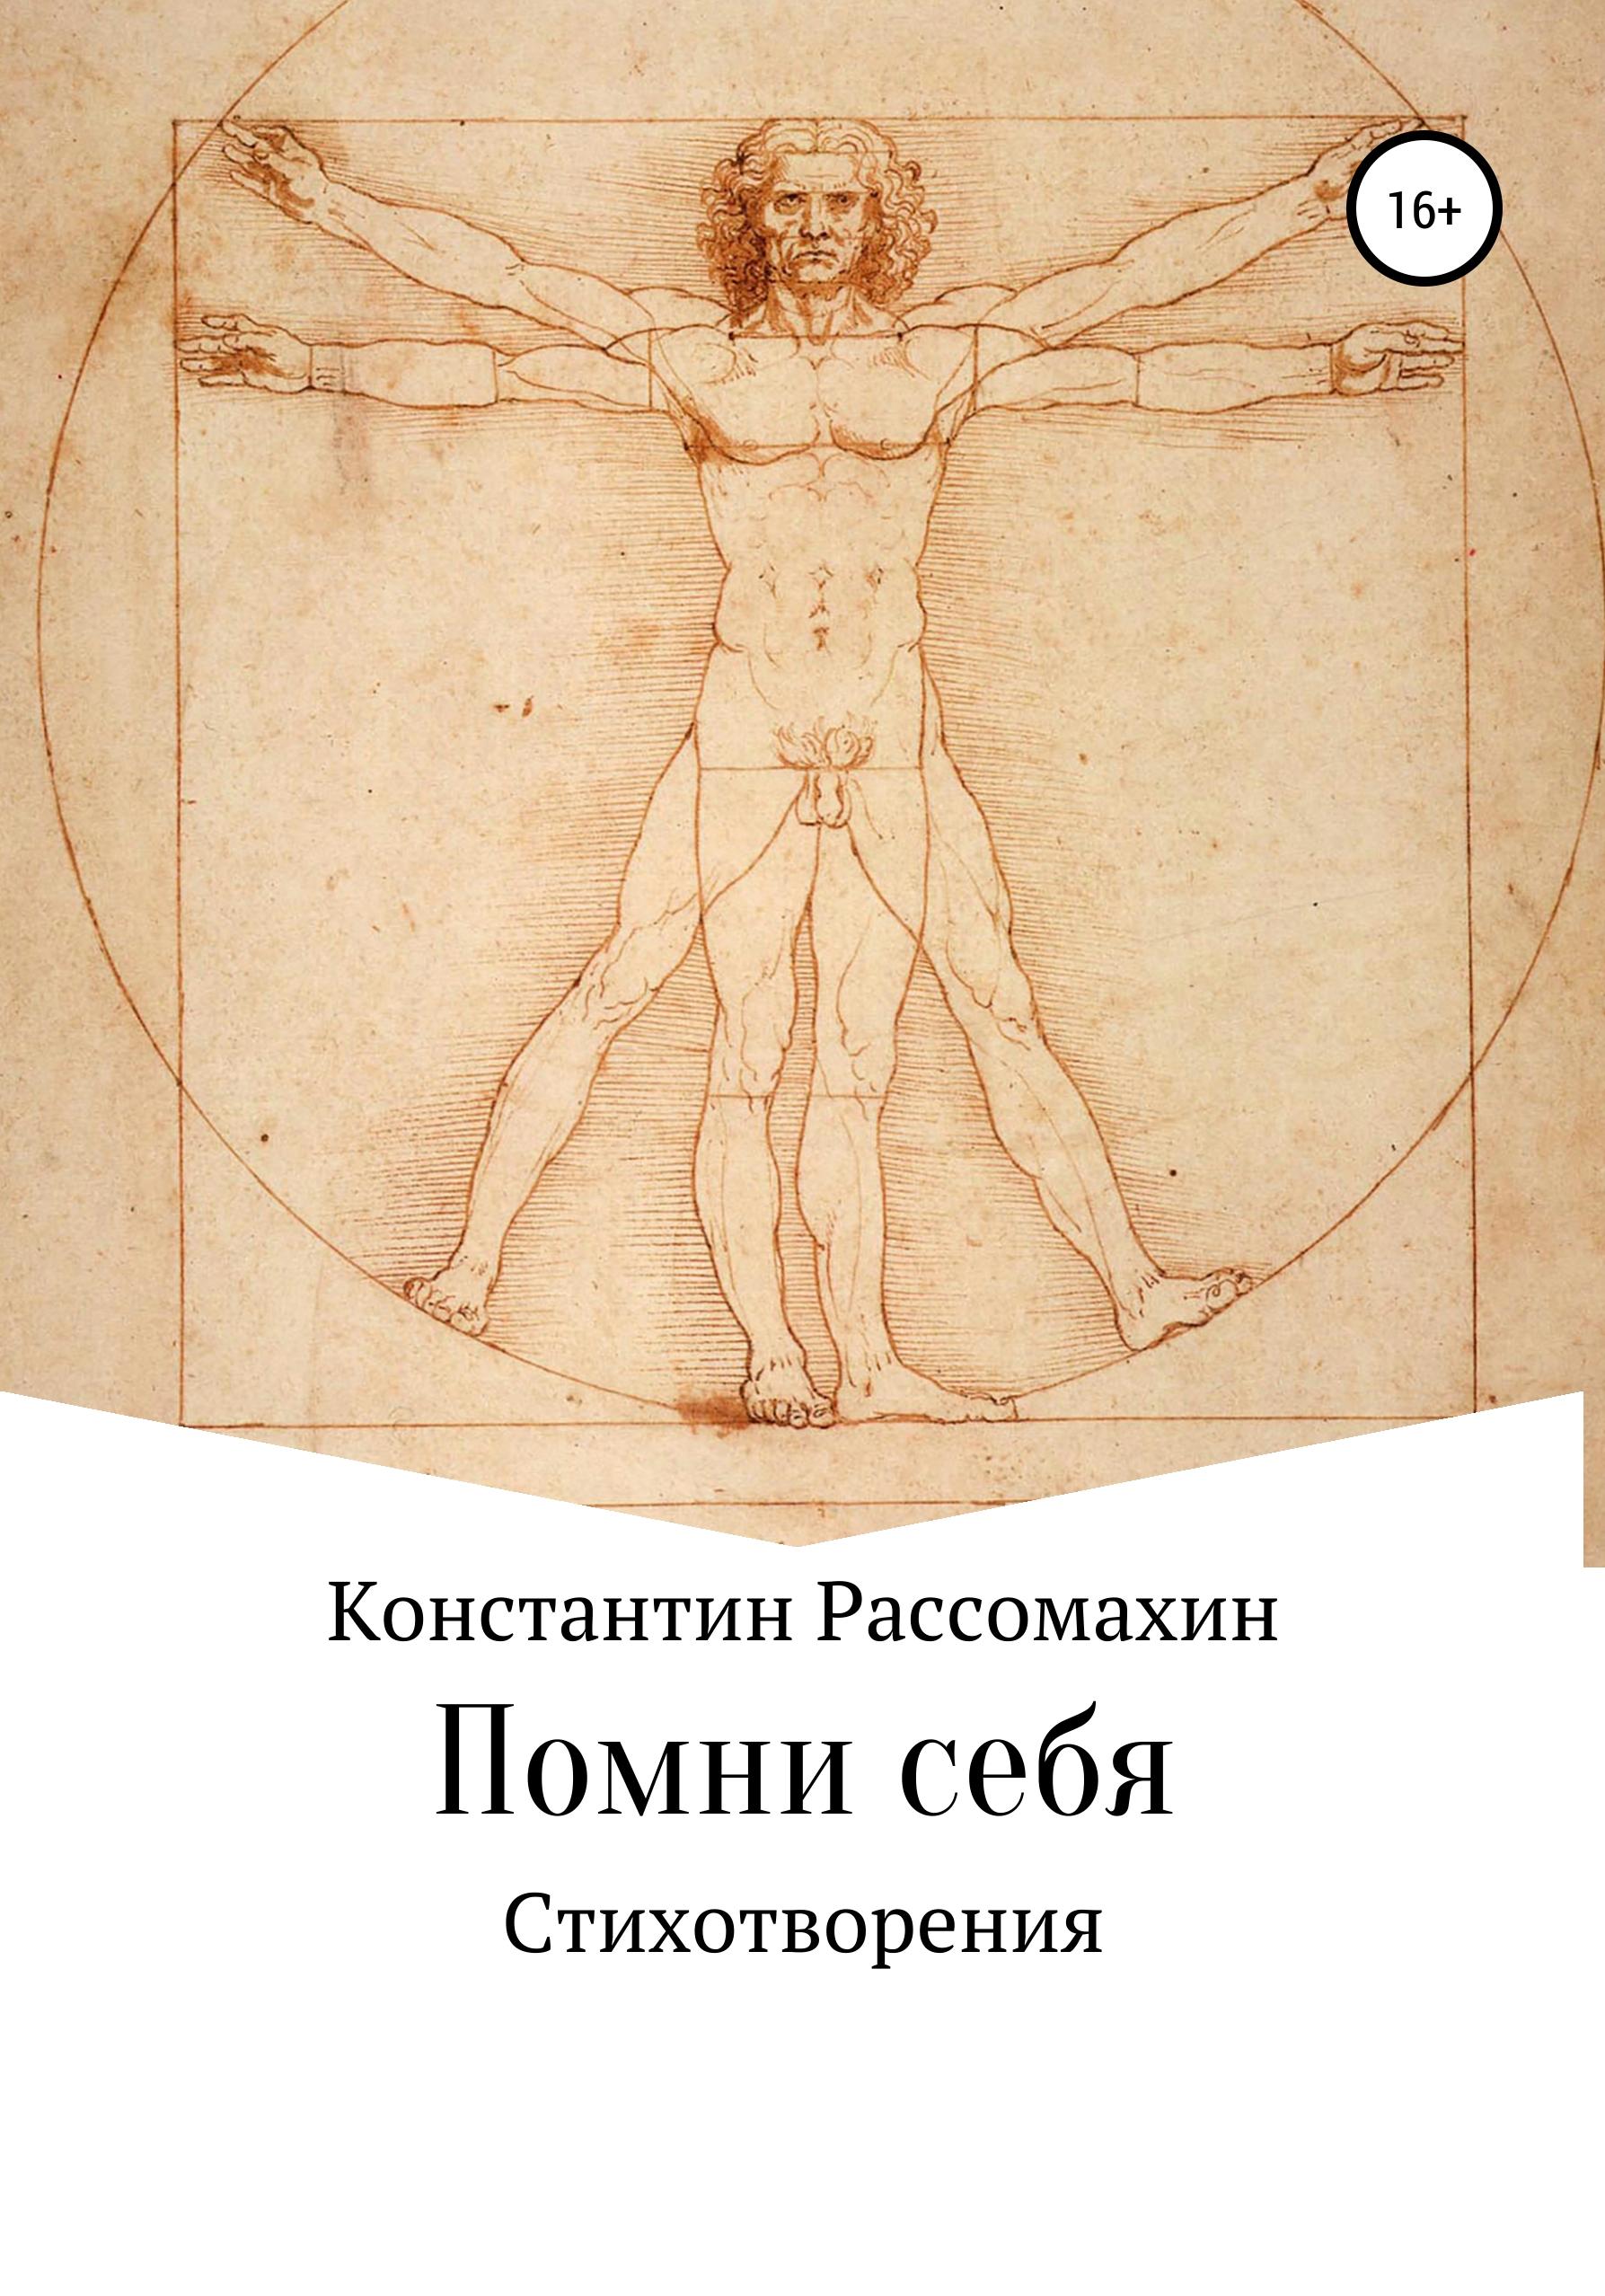 Константин Рассомахин Помни себя аполлинер гийом убиенный поэт повести